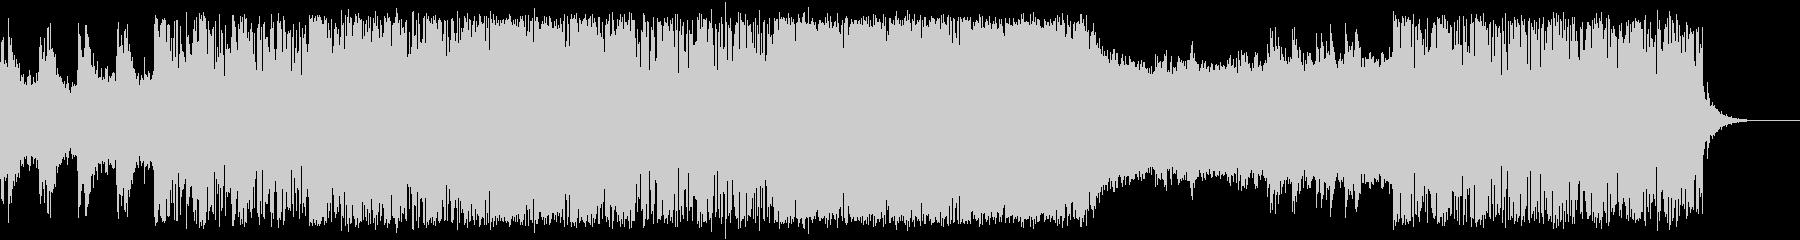 作戦決行のシーン・エレクトロの未再生の波形